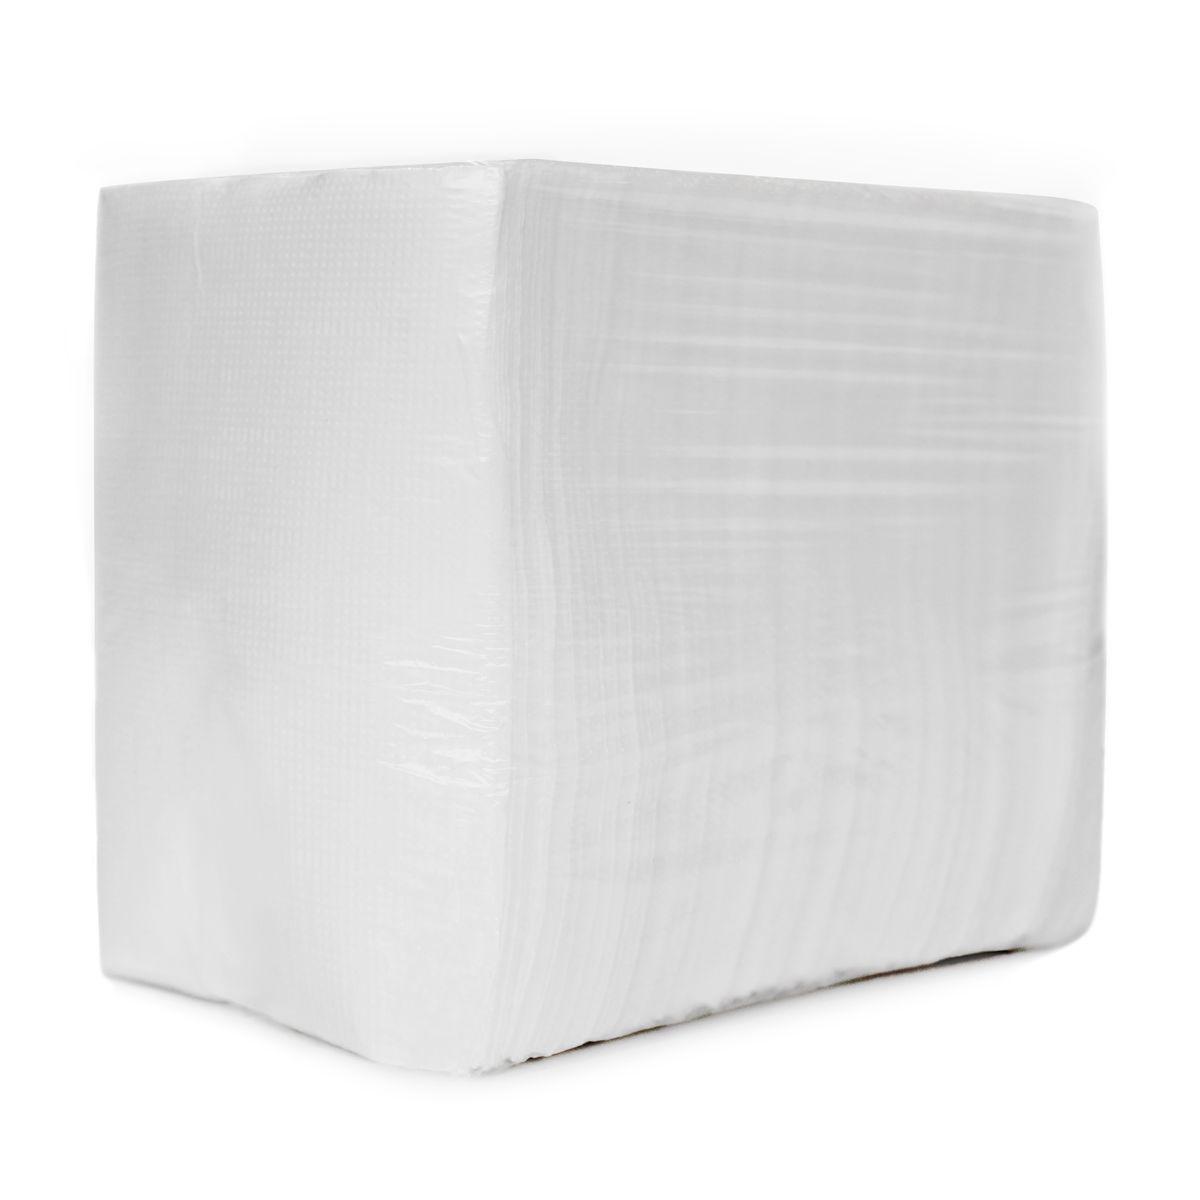 Салфетки бумажные Plushe Professional 17586 для настольного диспенсера Tork (СБ1-300-36)